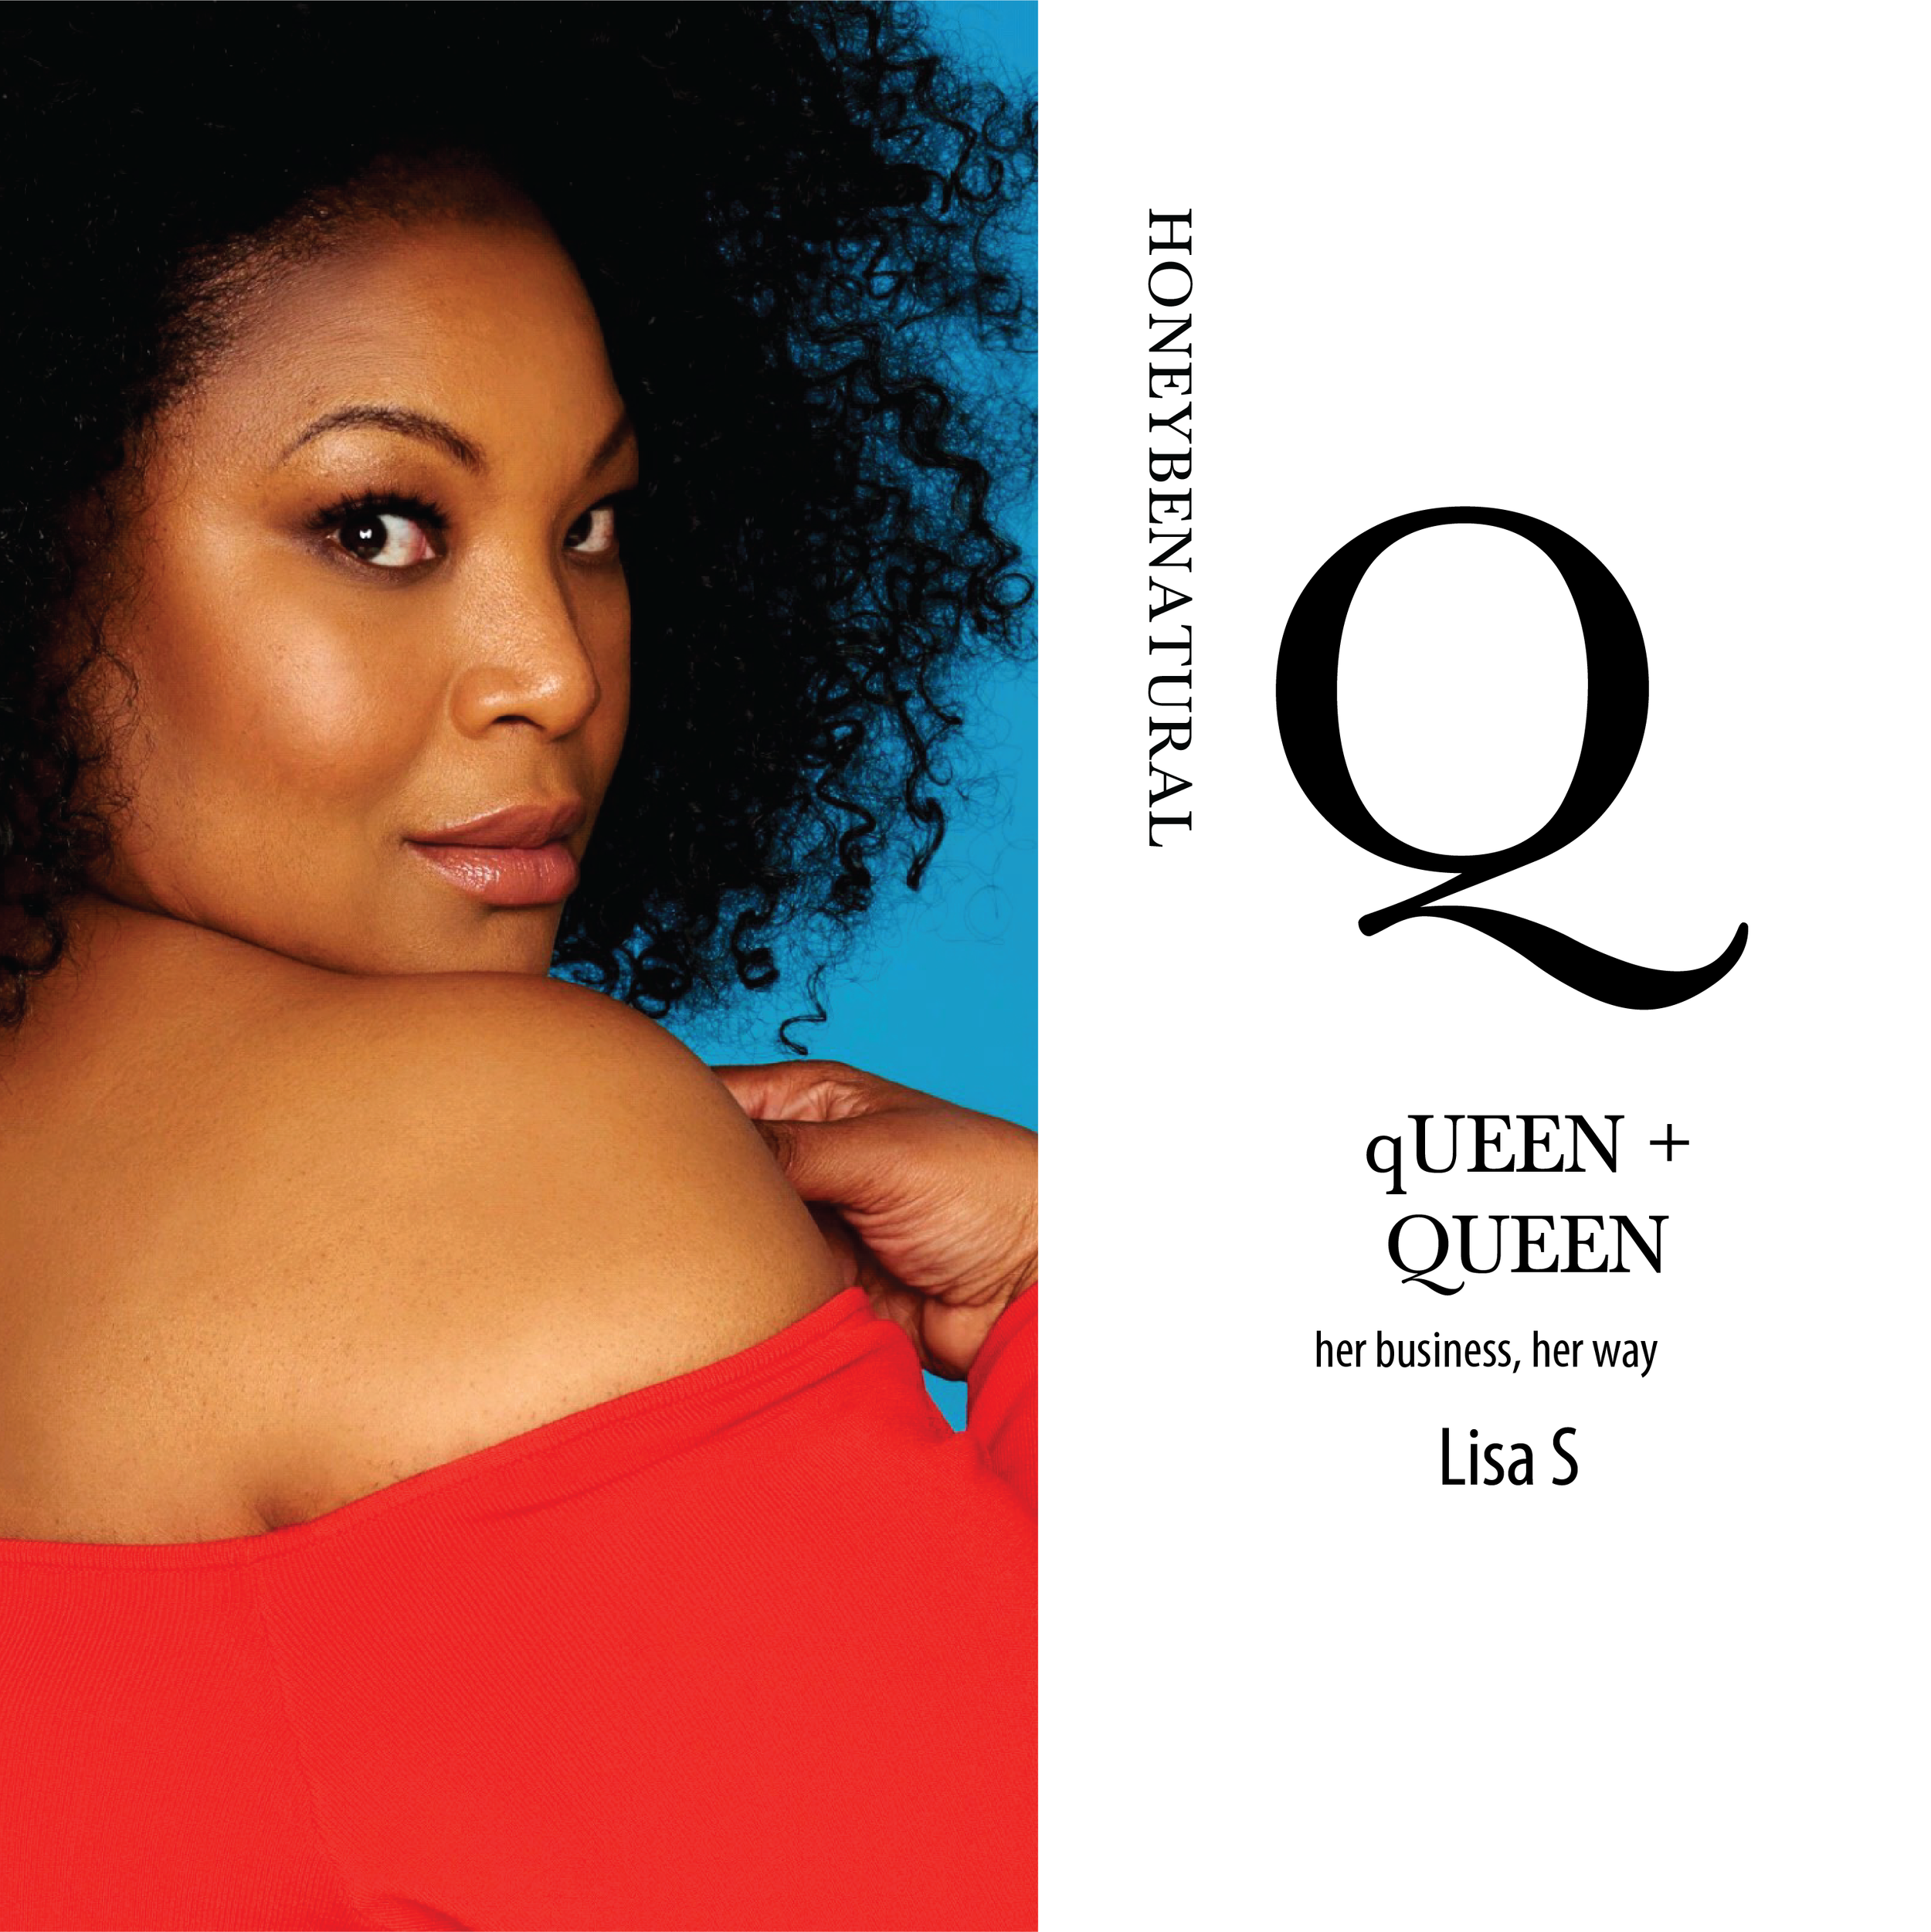 QueenPlusQueen_June 2019_LISA S_Title-01.png